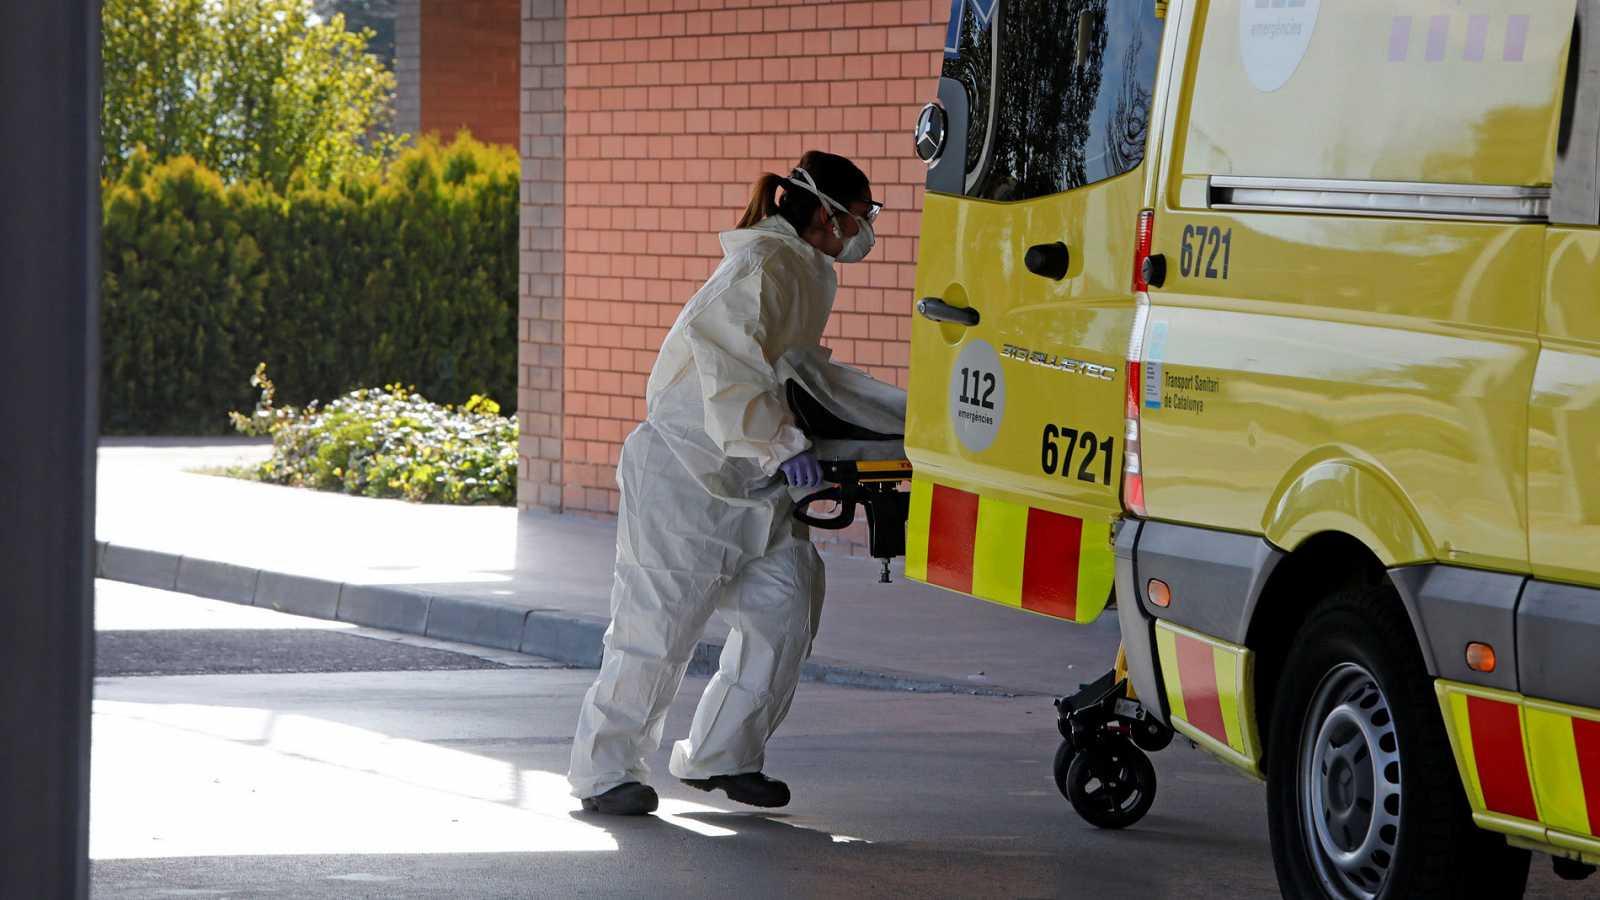 فيروس كورونا في إسبانيا وفيات إصابات